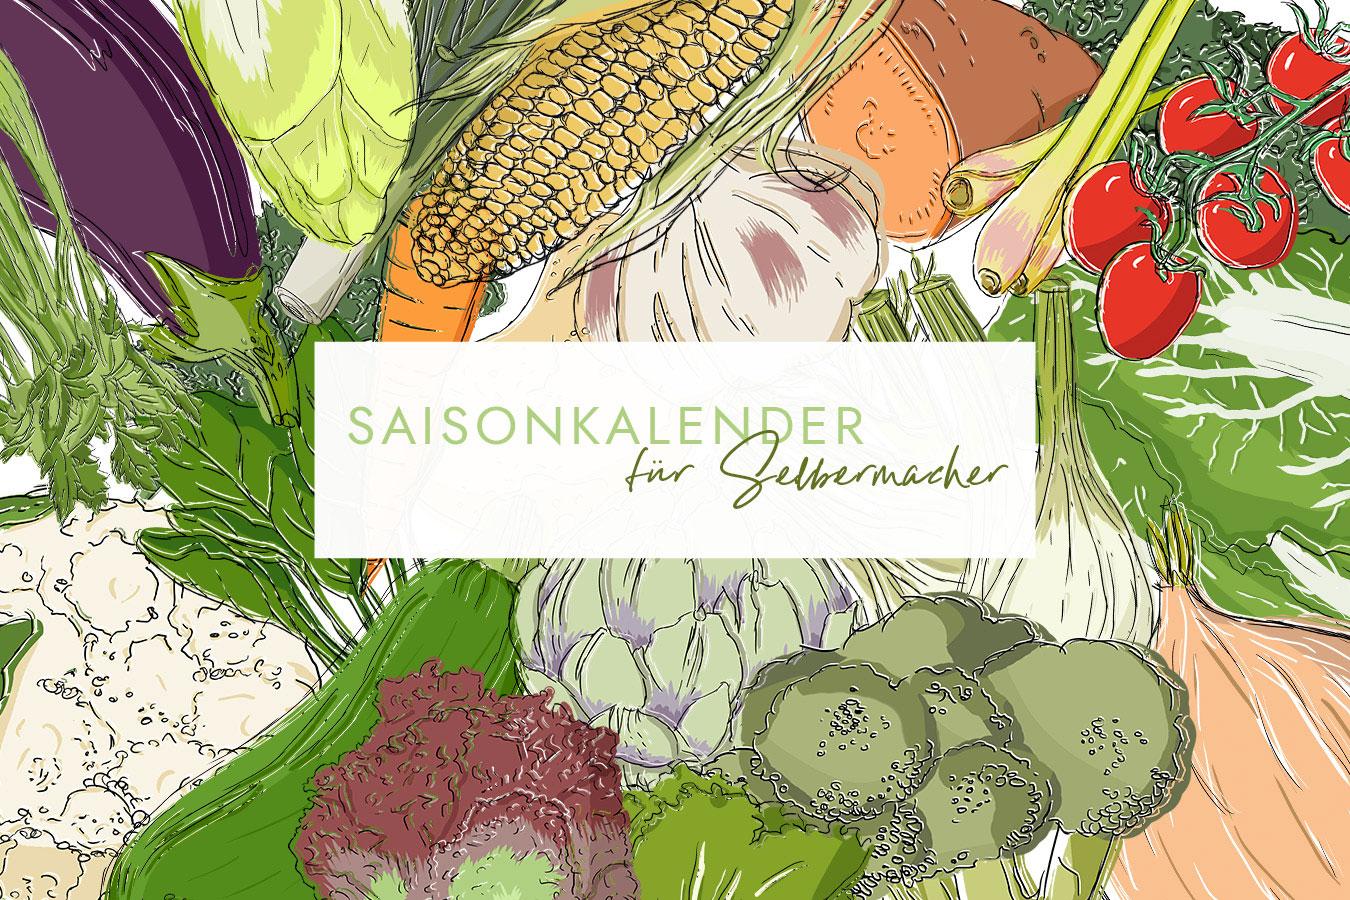 Saisonkalender für Gemüse